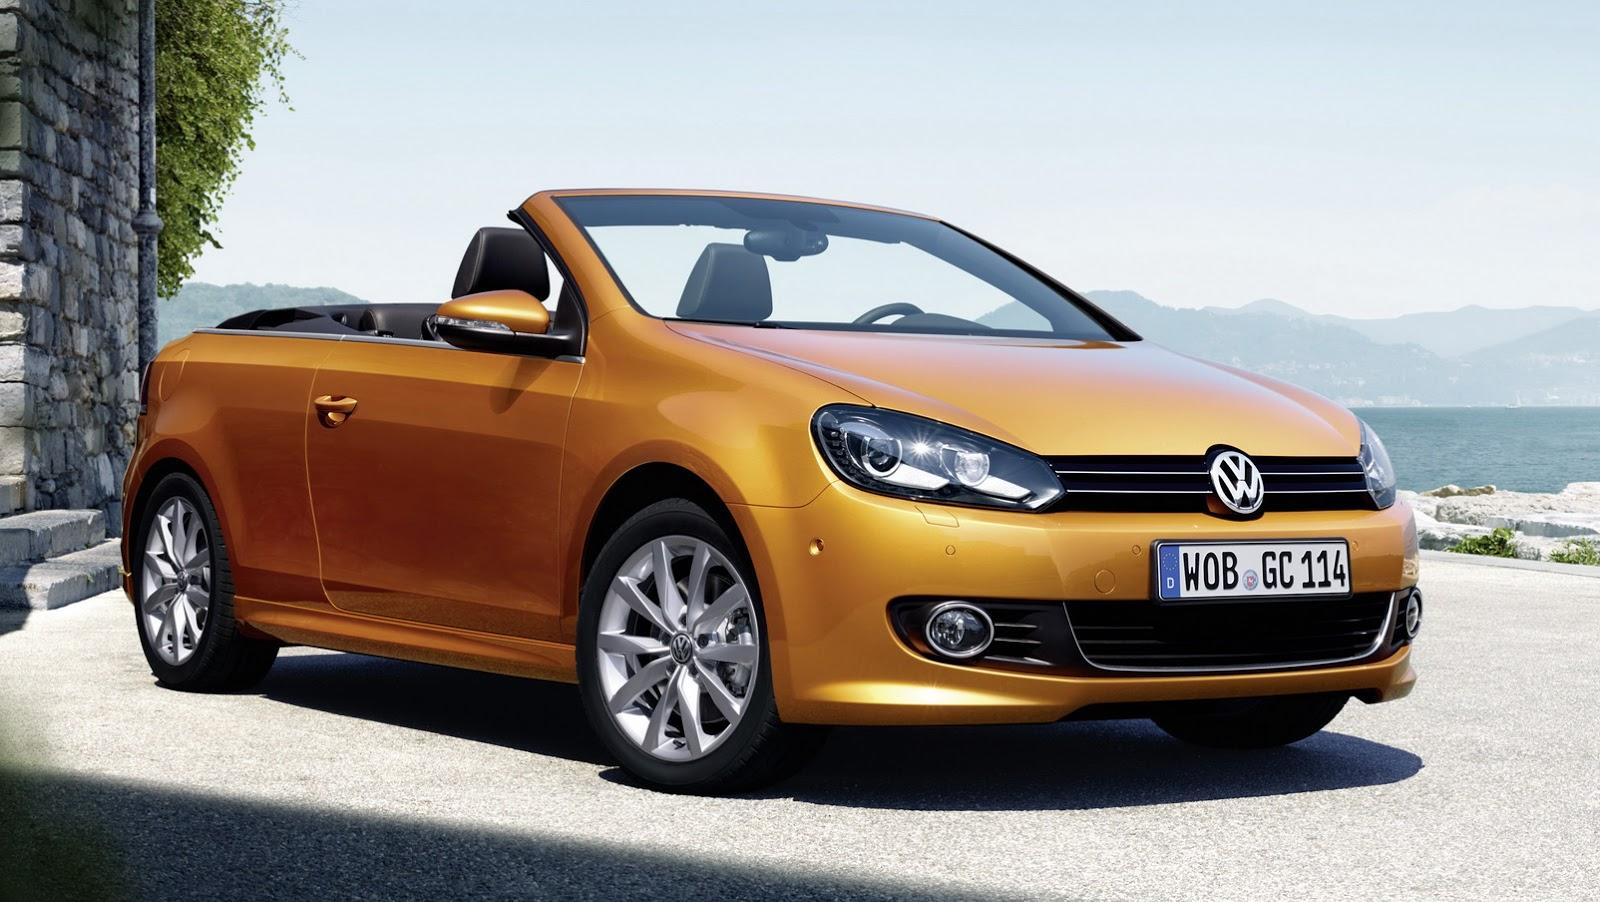 Next Gen 2016 Volkswagen Golf Cabriolet